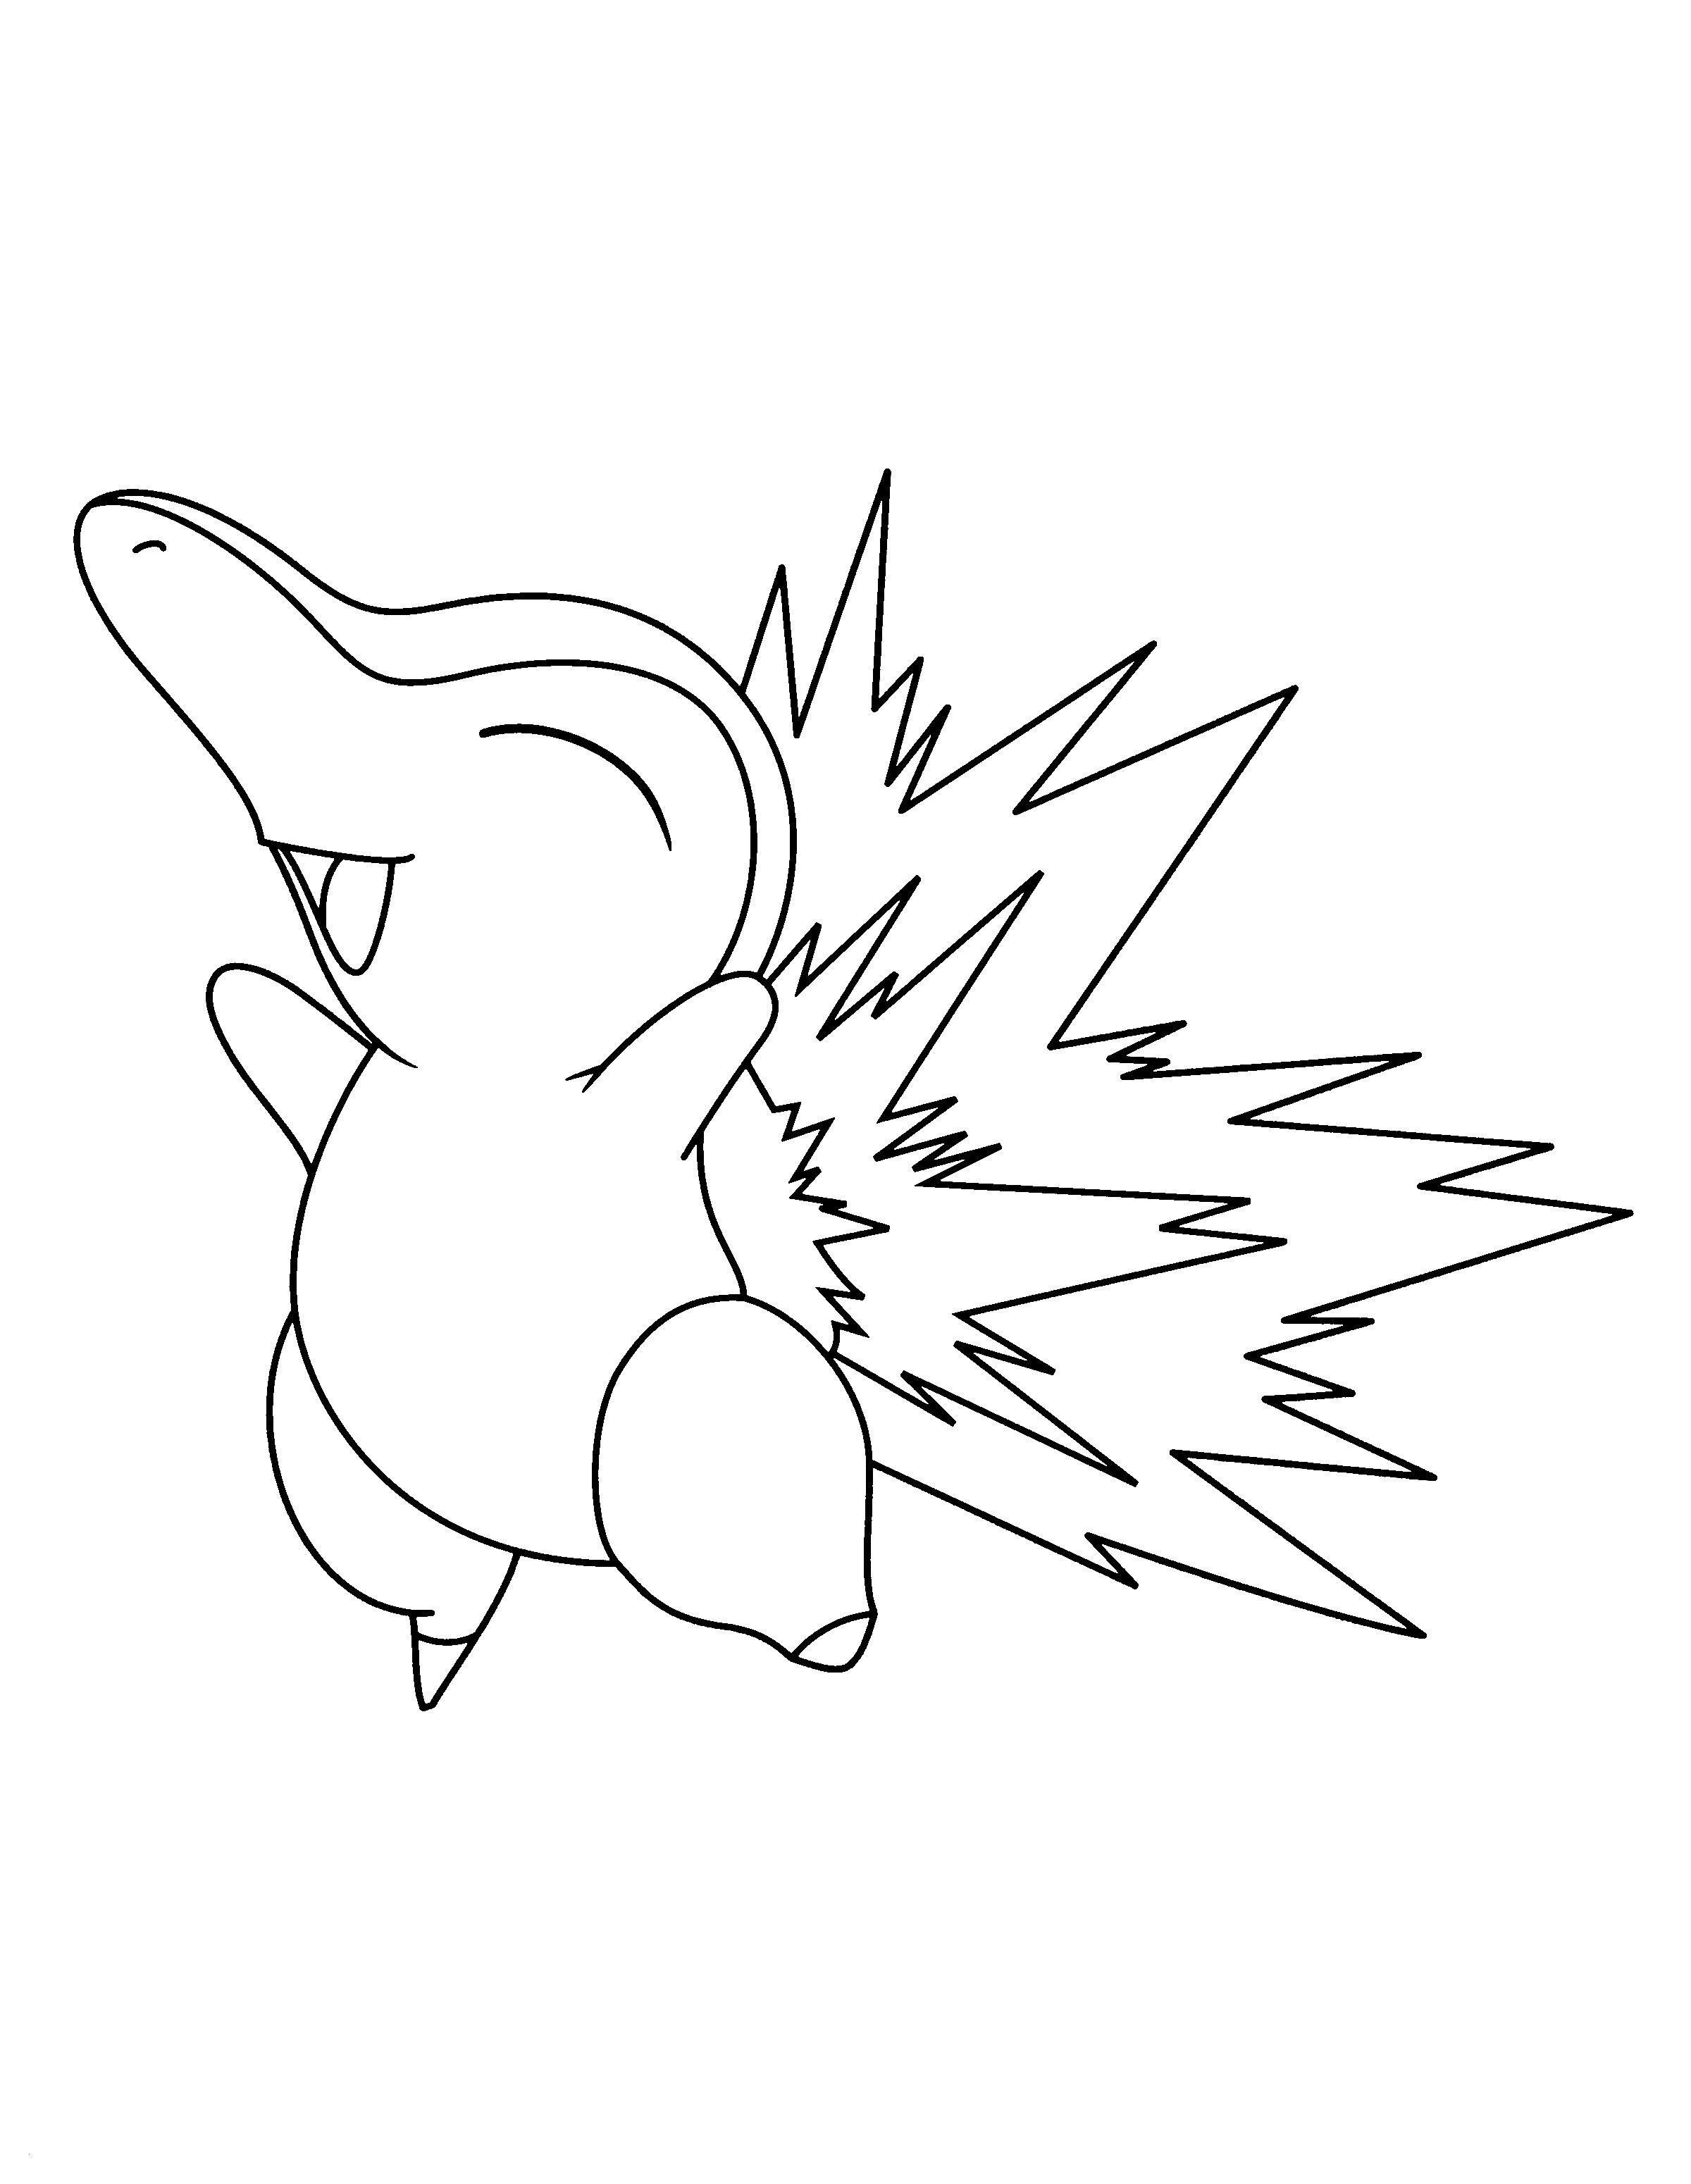 Arlo Und Spot Ausmalbilder Frisch Pokemon Malvorlagen Malvorlagen1001 Frisch Pokemon Ausmalbilder Mega Stock